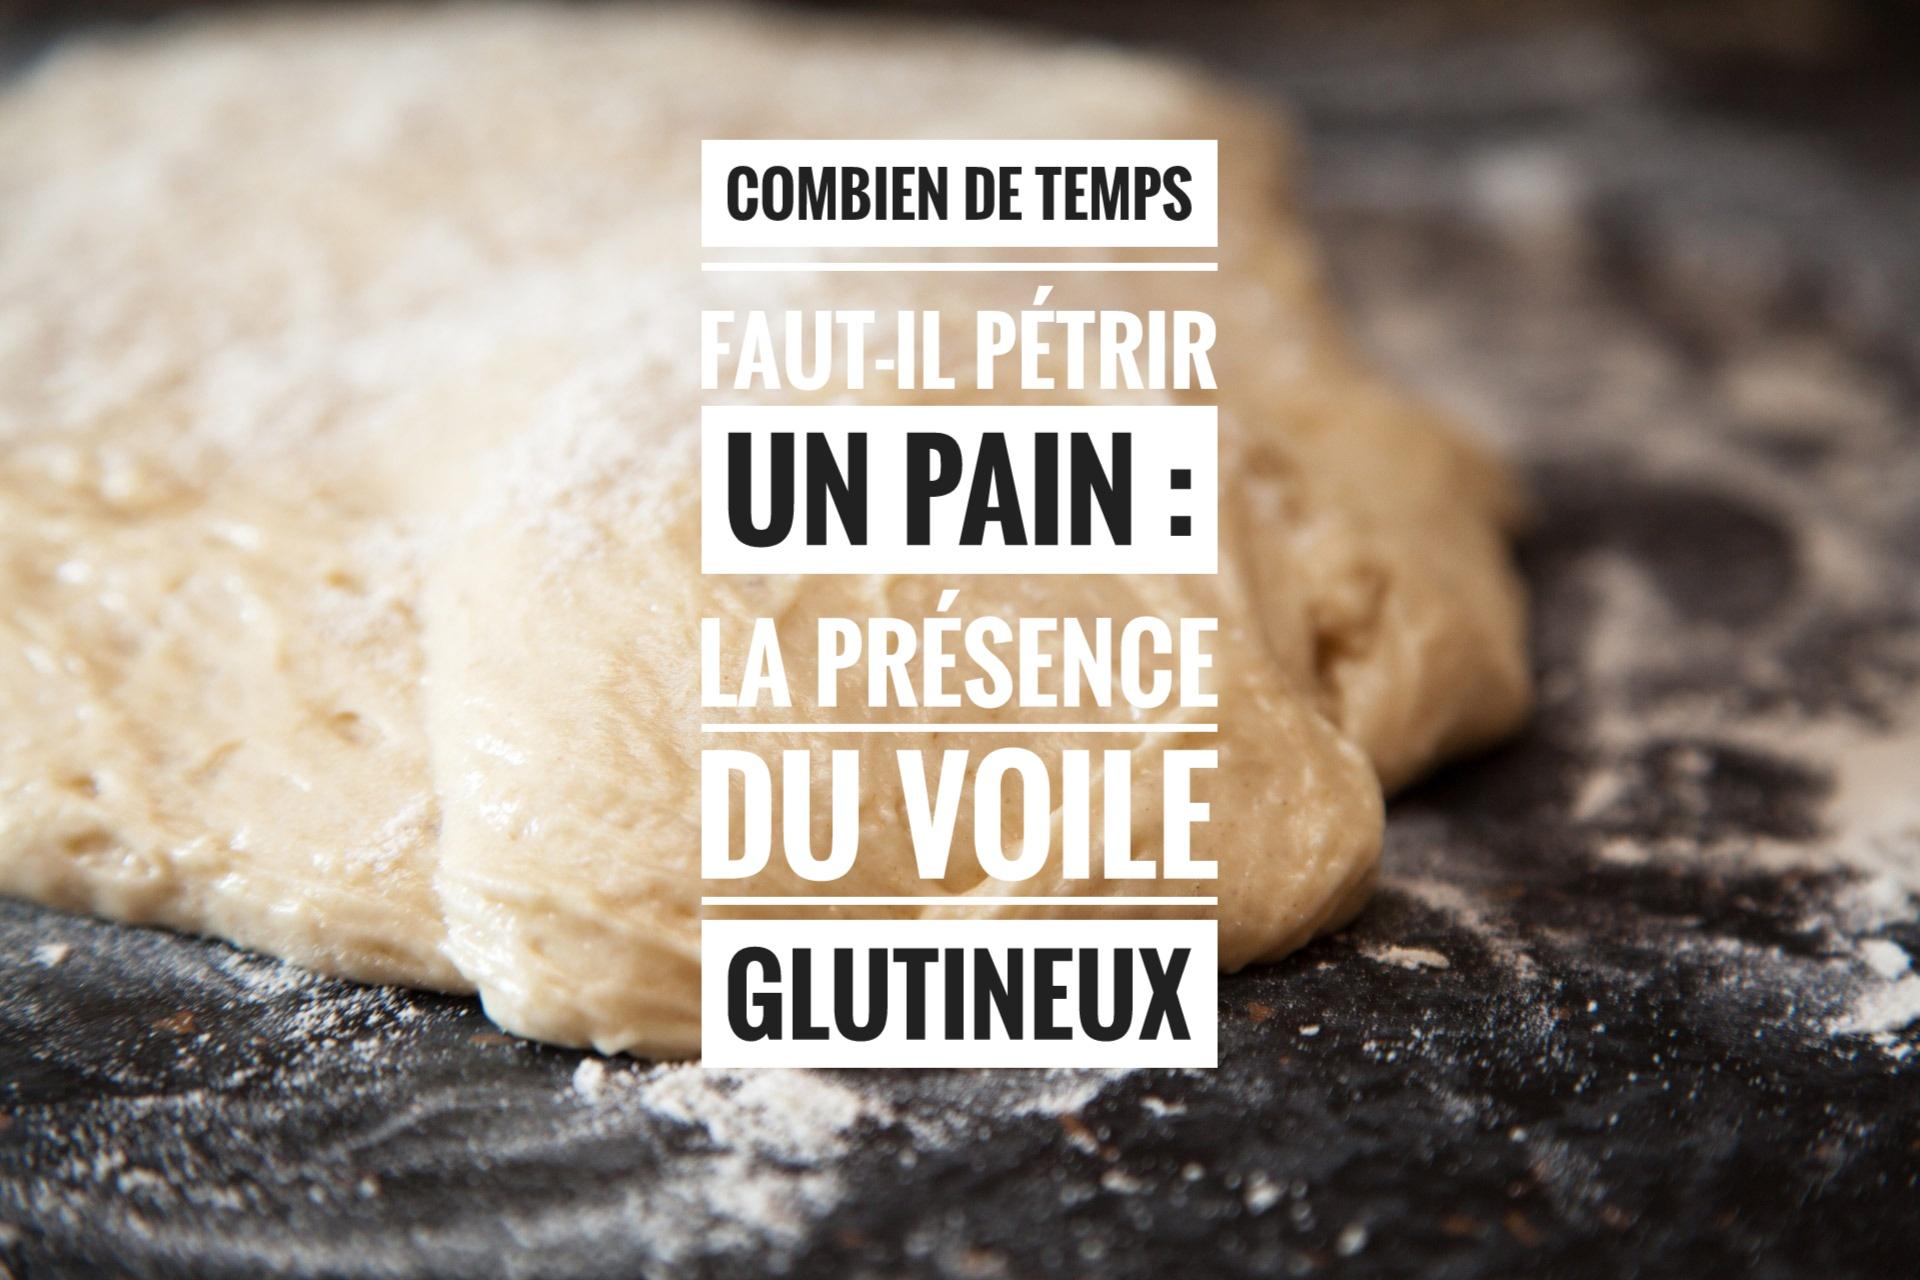 Voile glutineux